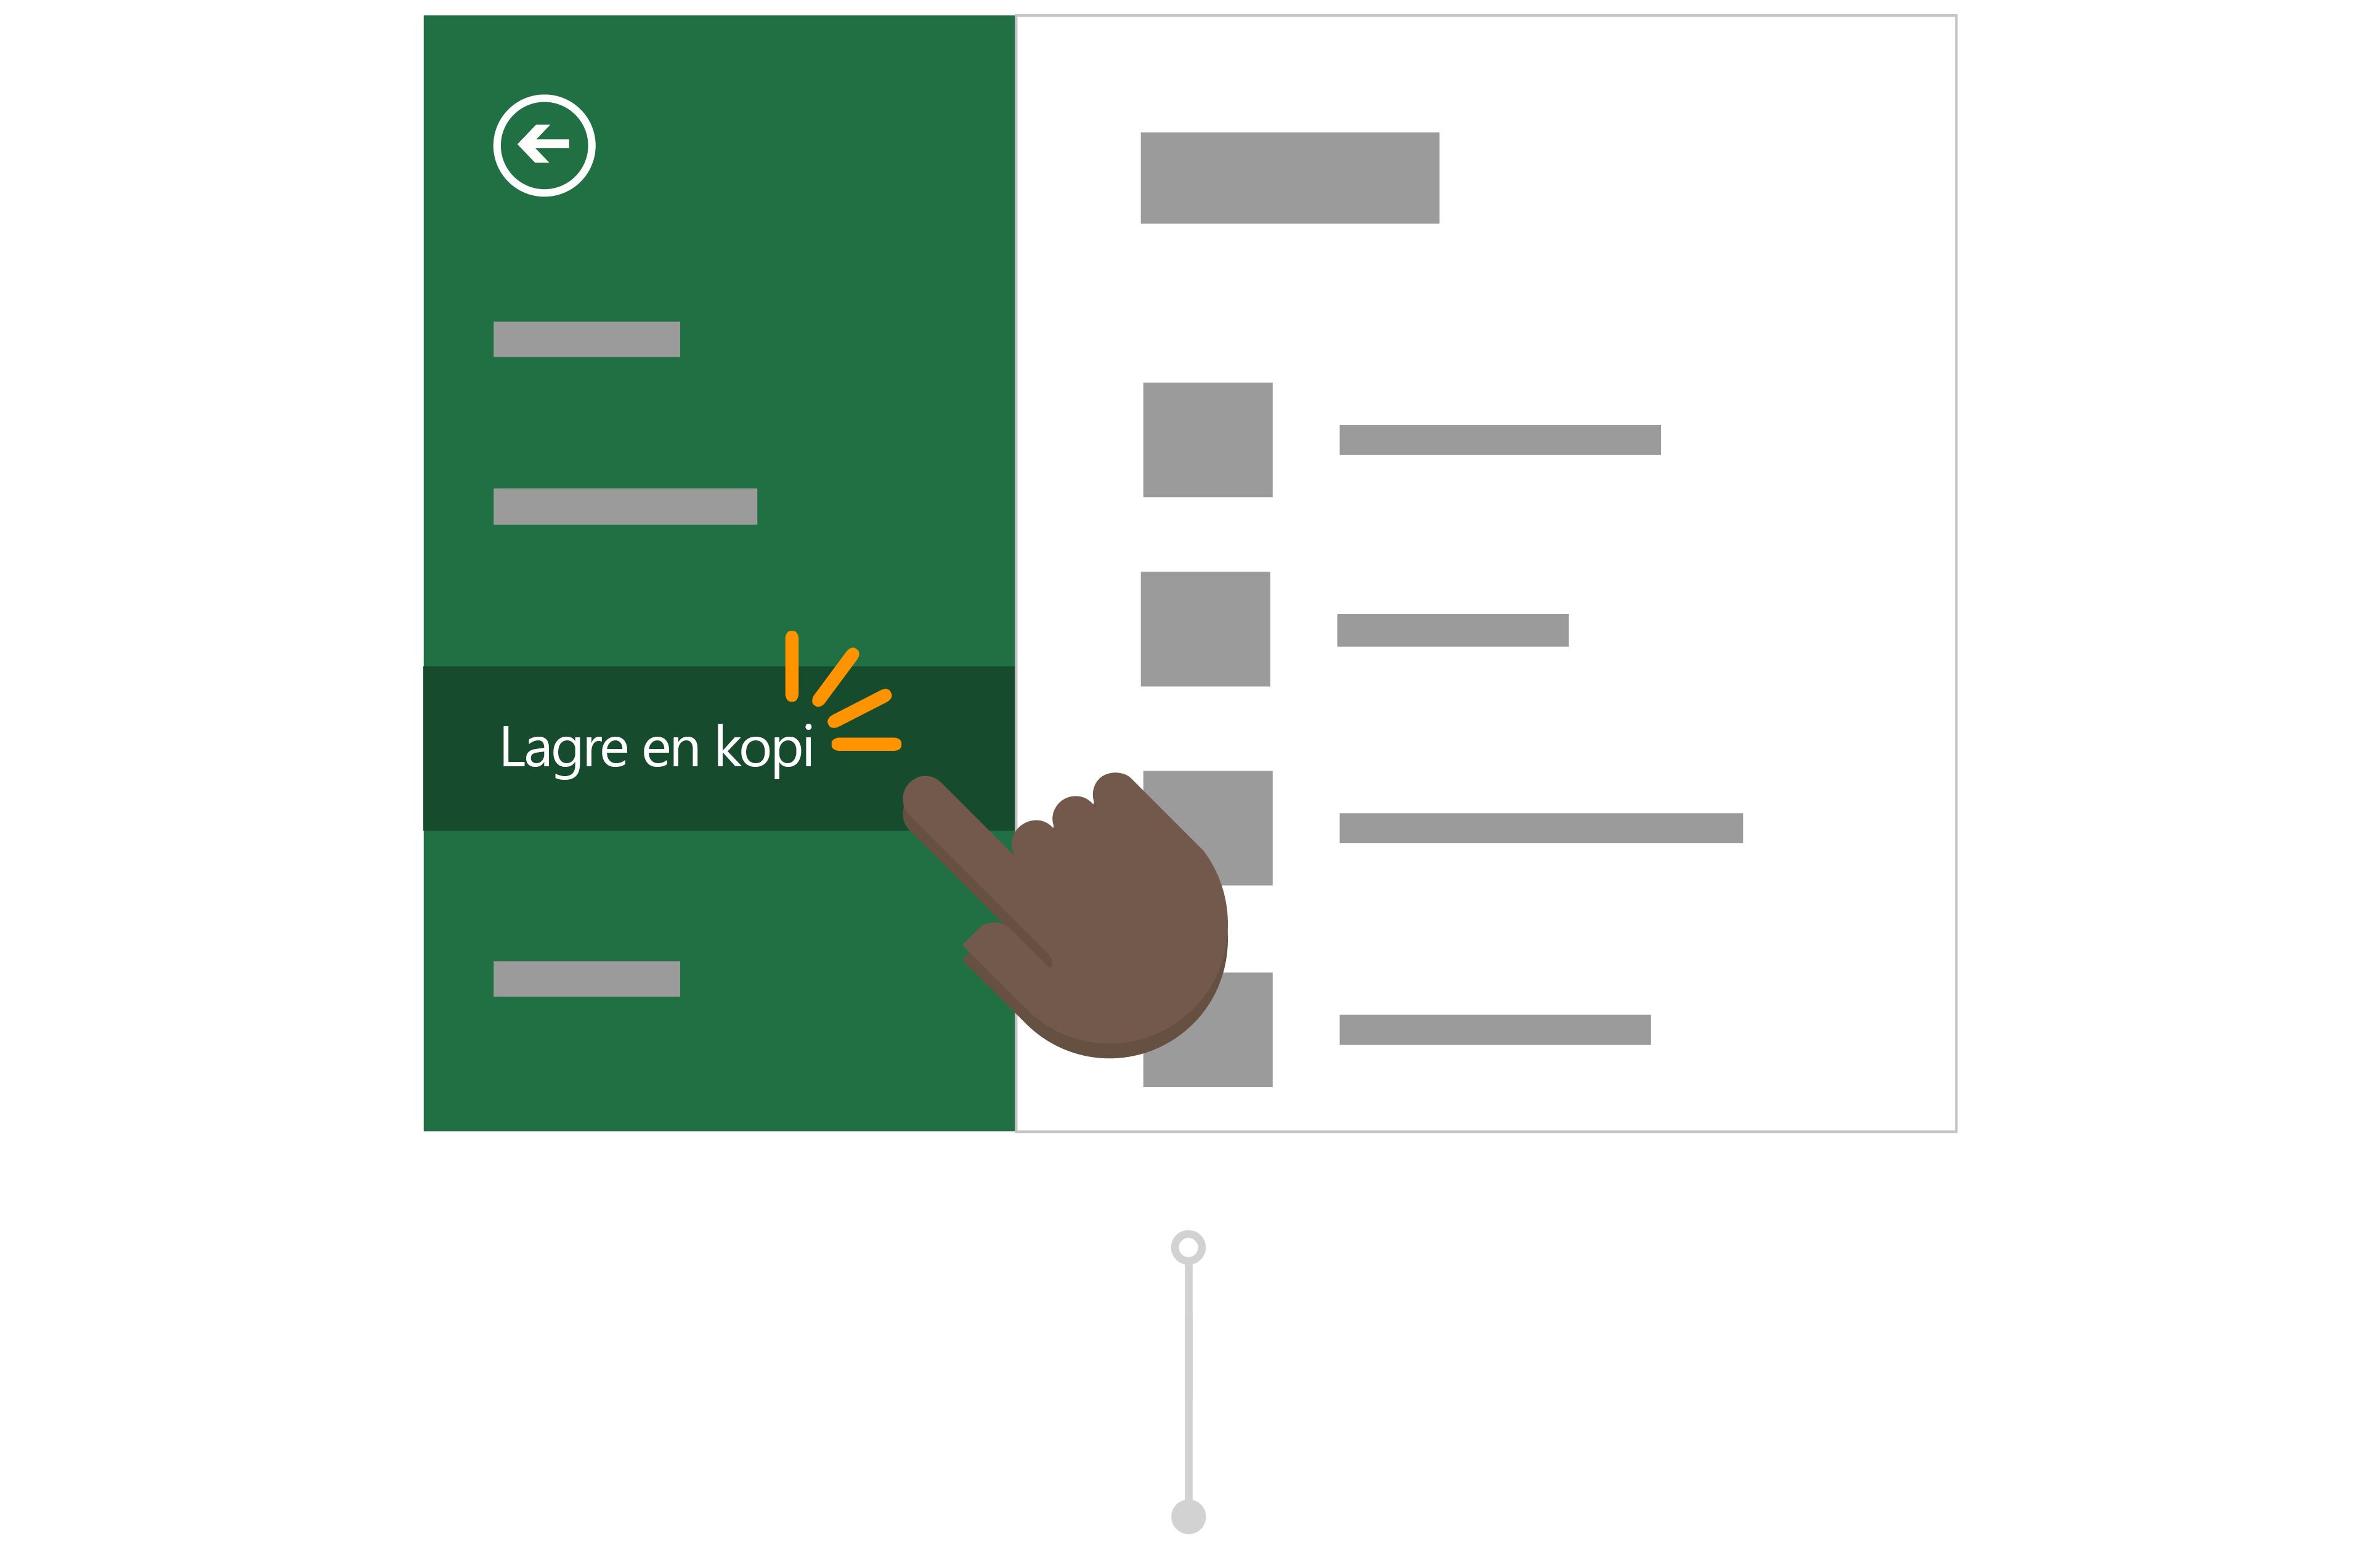 Todd bruker lagre en kopi for å lagre sin egen versjon av rapporten i OneDrive.